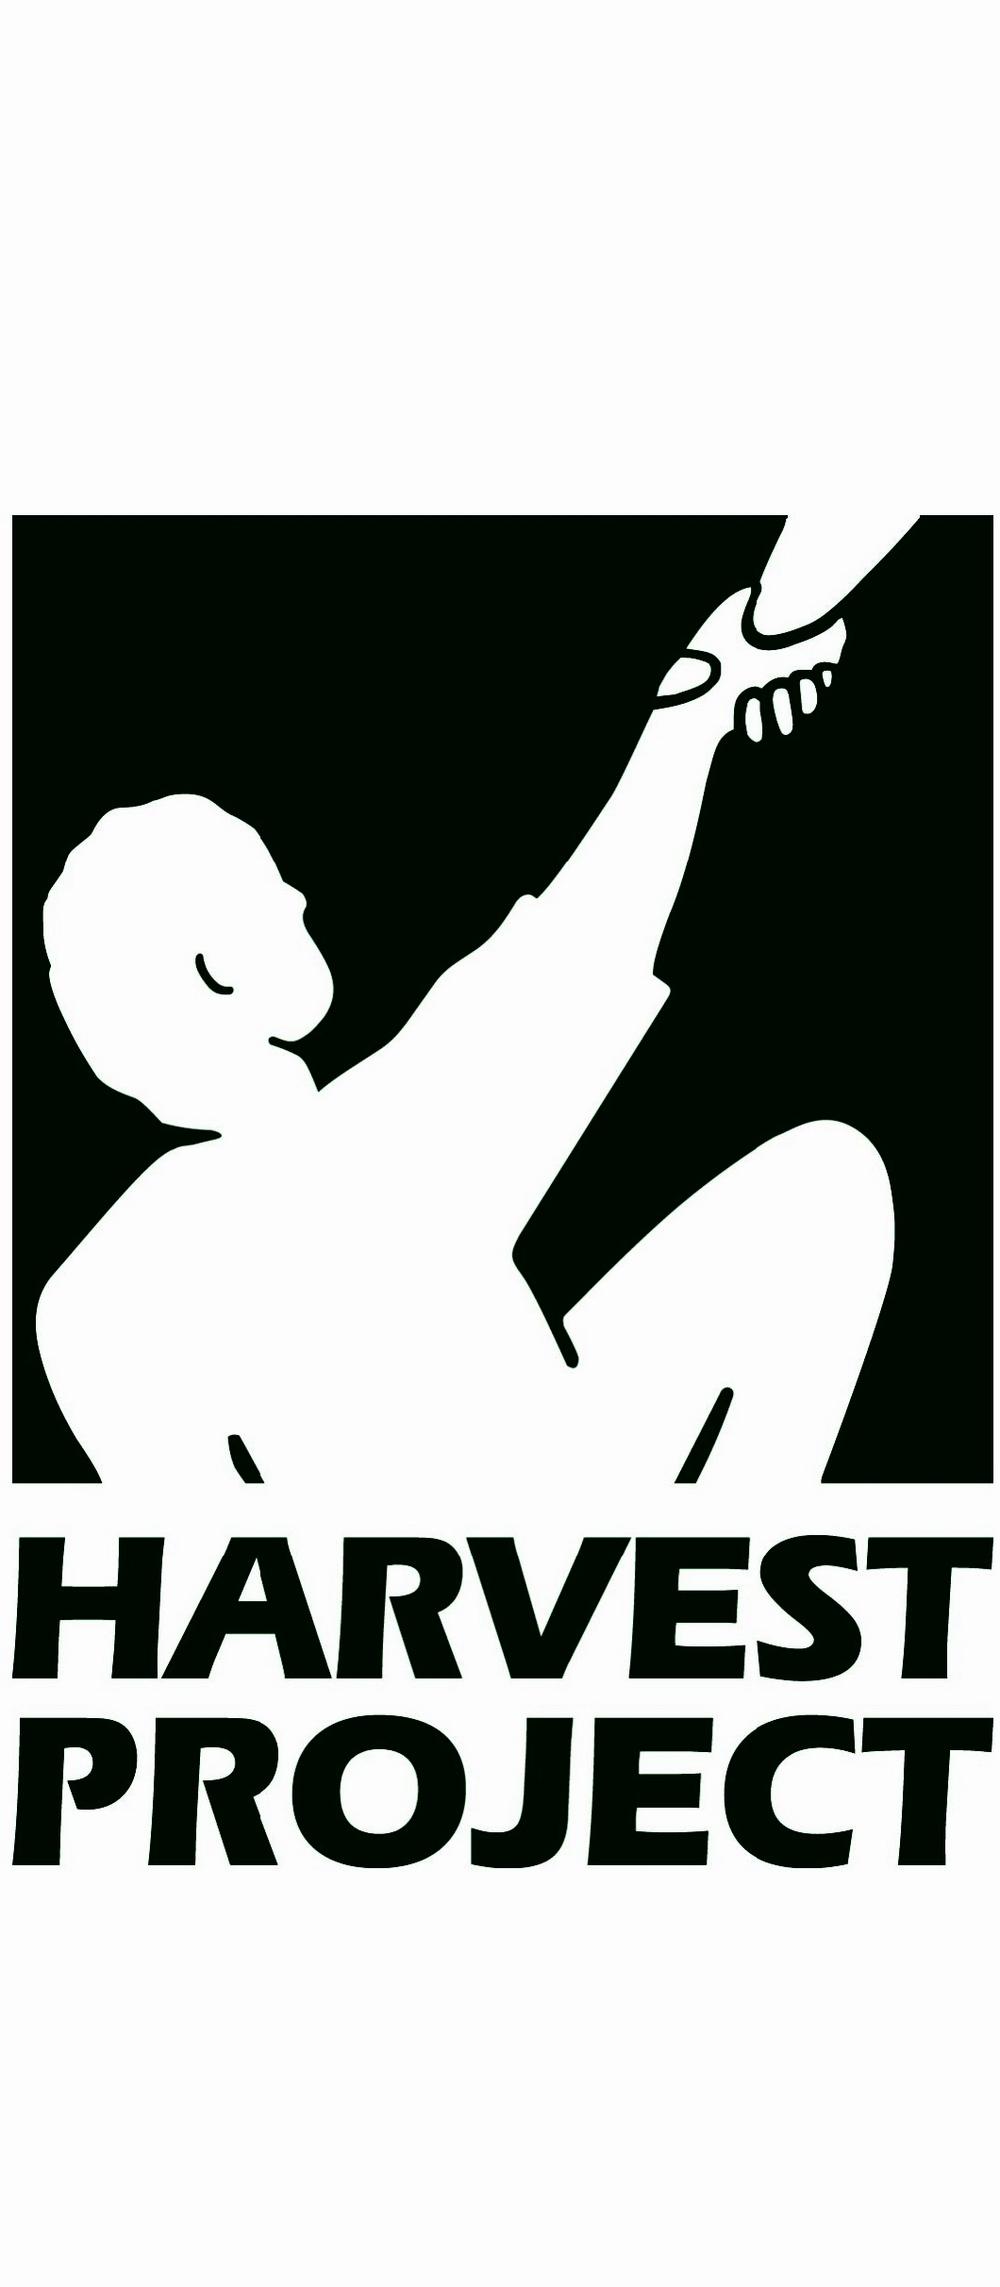 HarvestProject.jpg